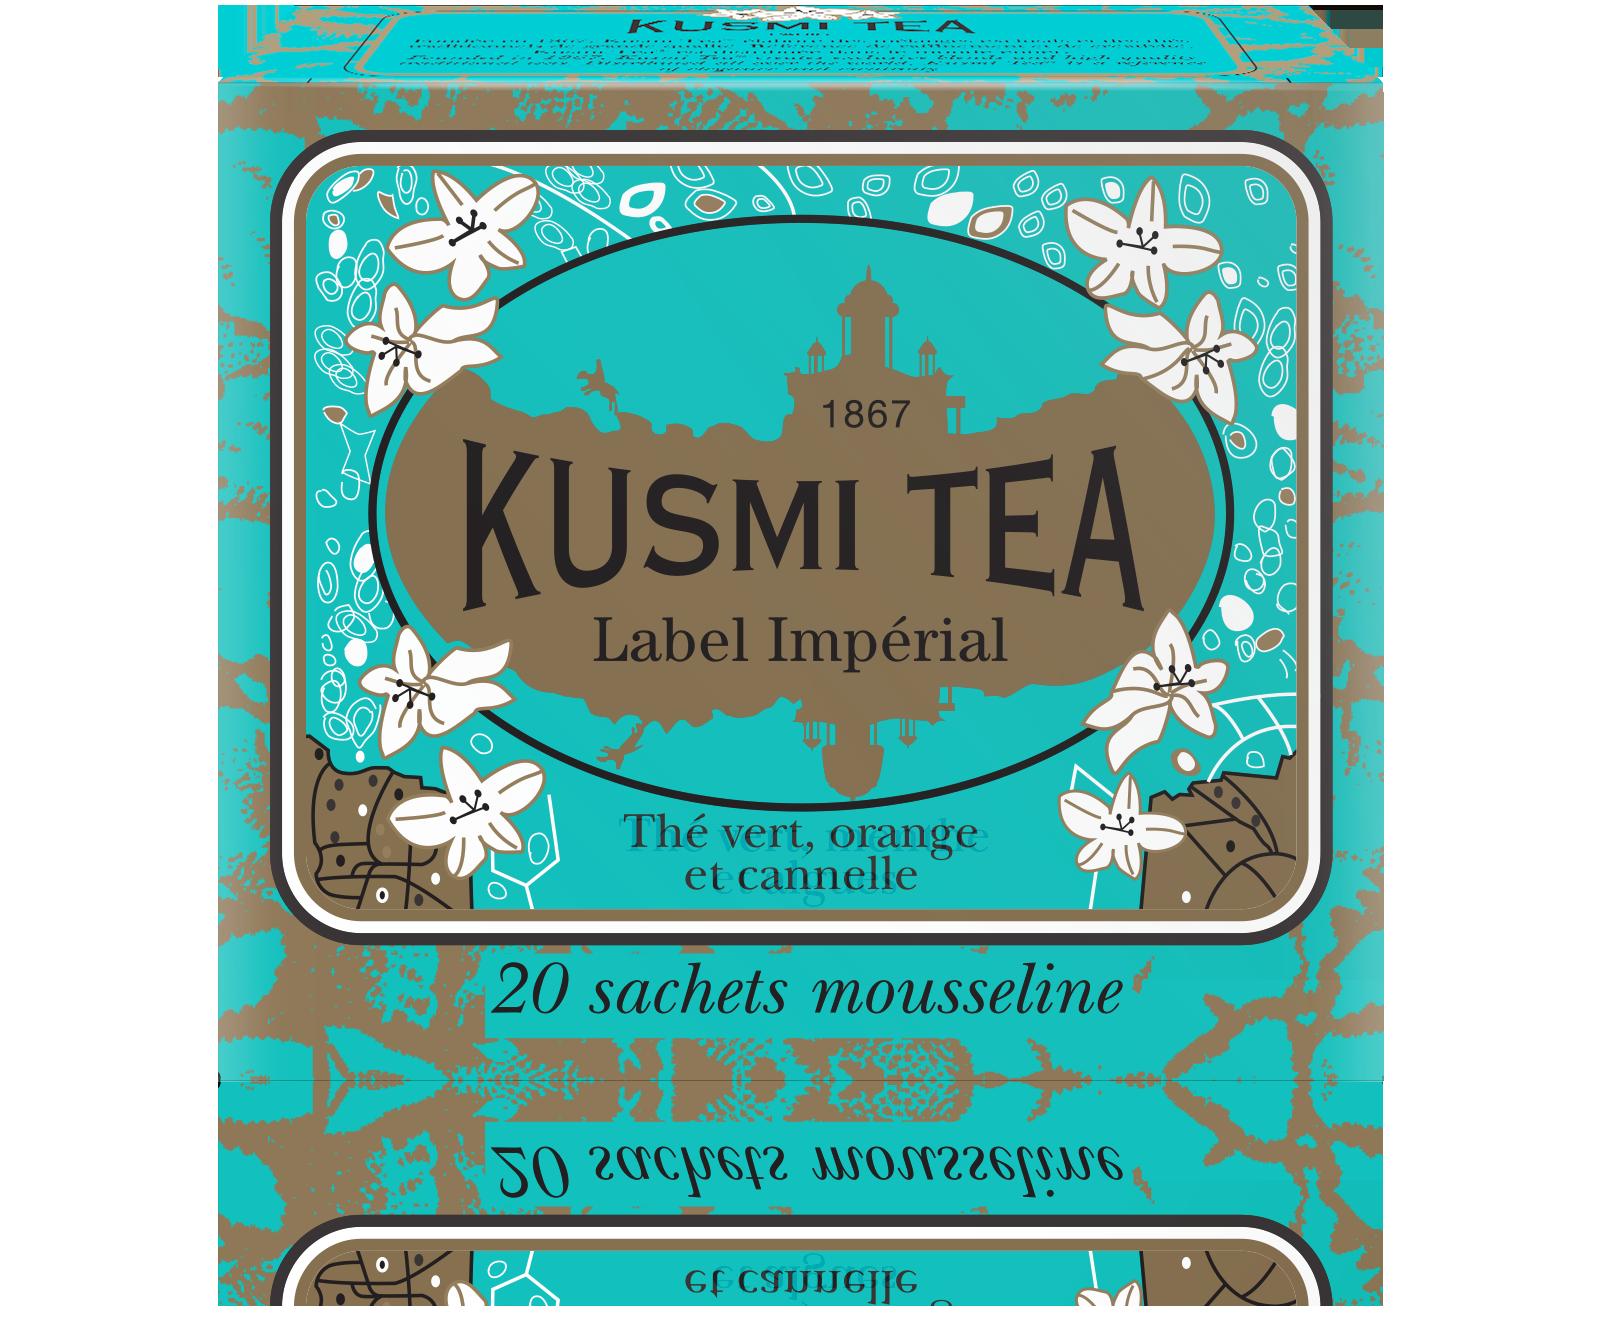 Label Impérial